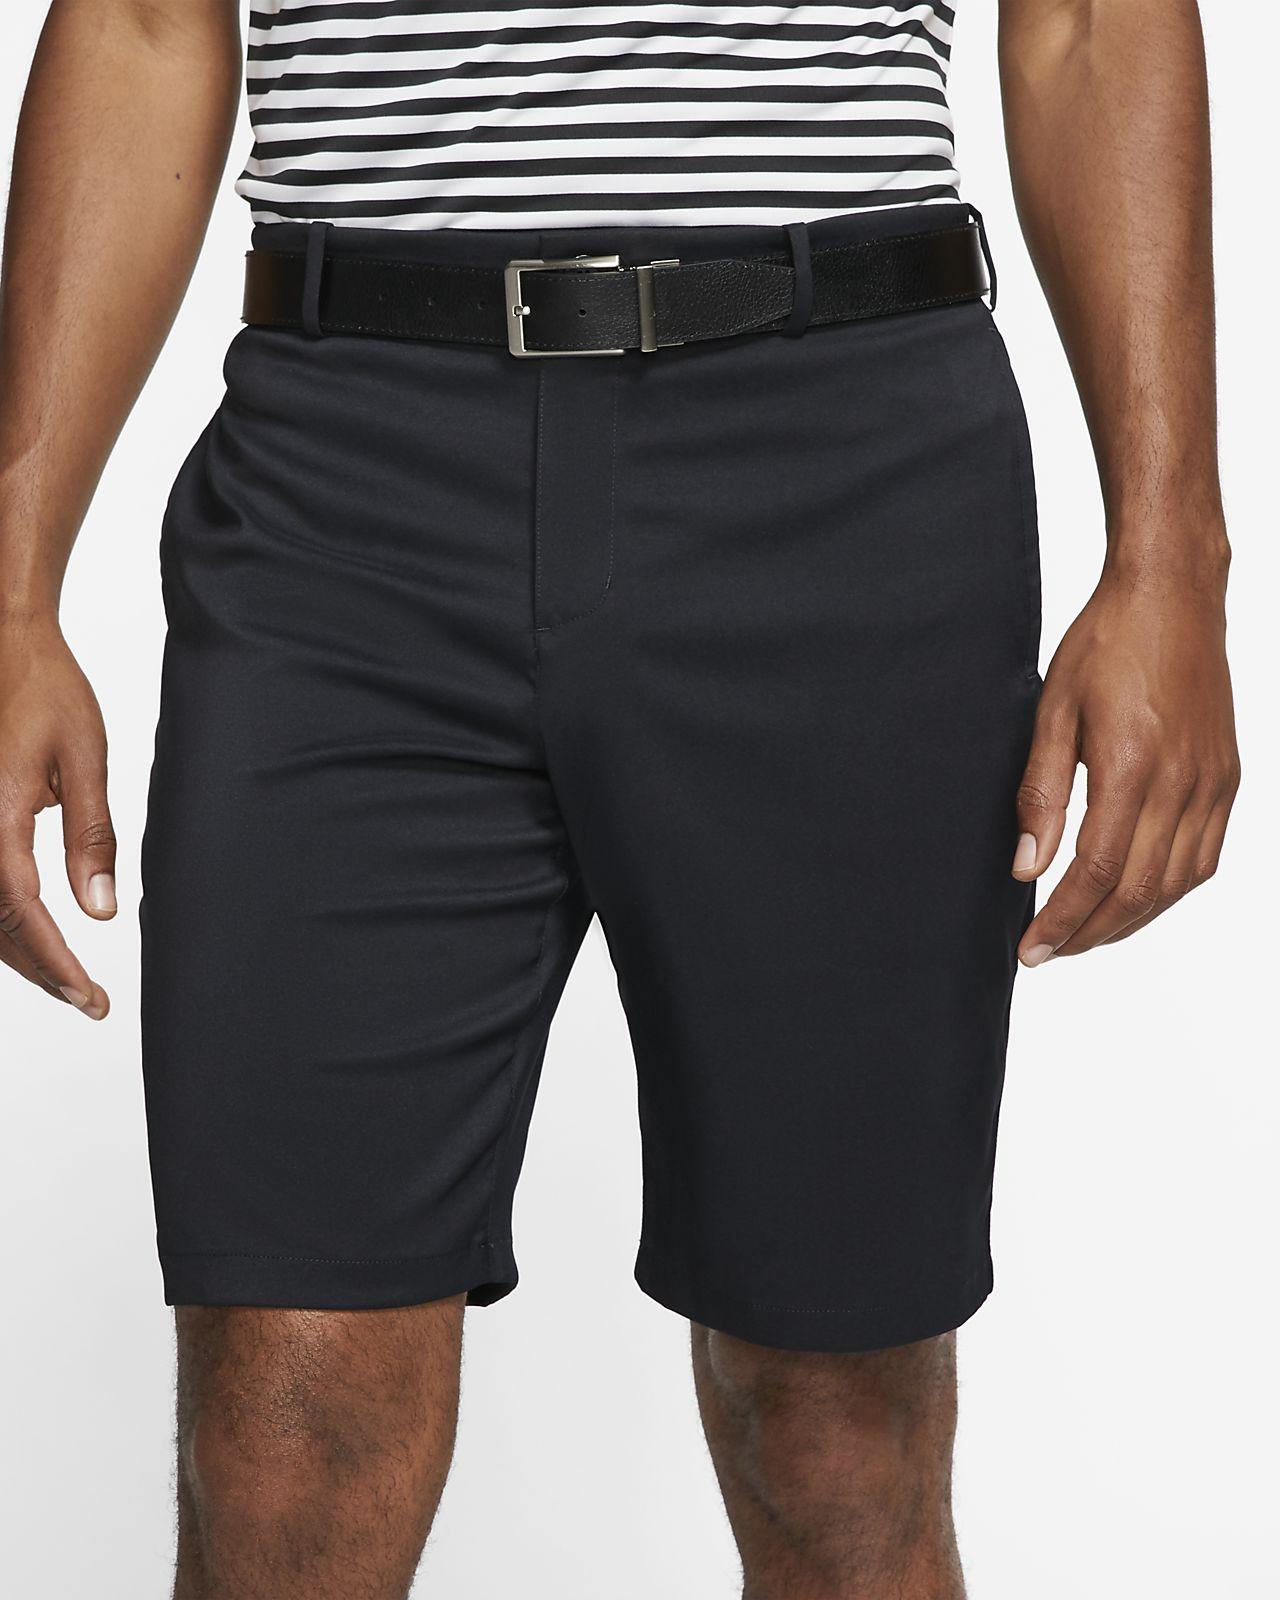 babeec5d4afd Nike Flex Men s Golf Shorts. Nike.com